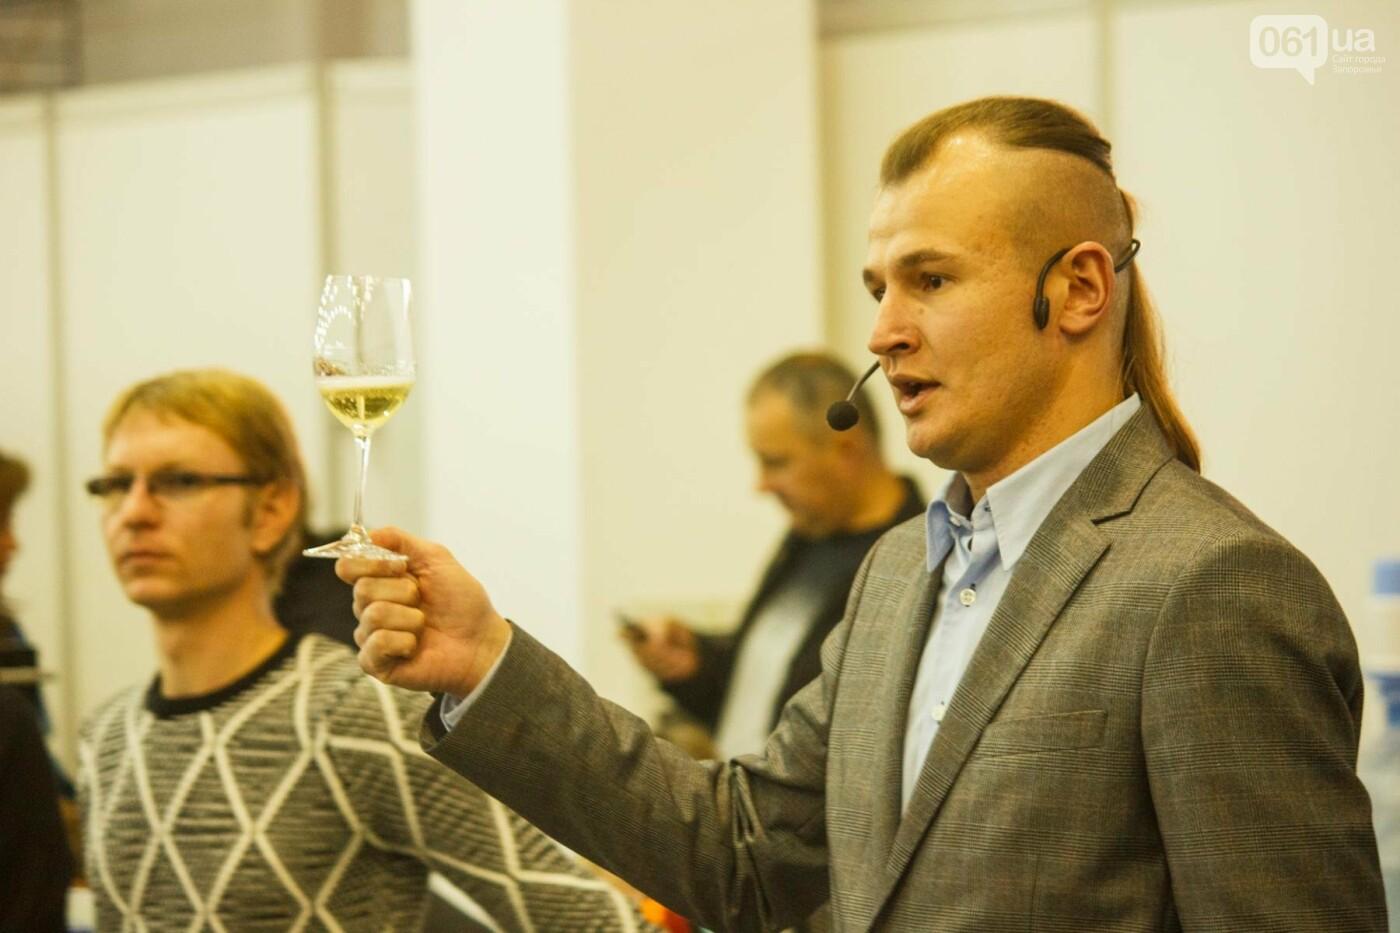 Шеф-повара запорожских ресторанов провели мастер-класс для горожан: как это было, - ФОТОРЕПОРТАЖ, фото-10